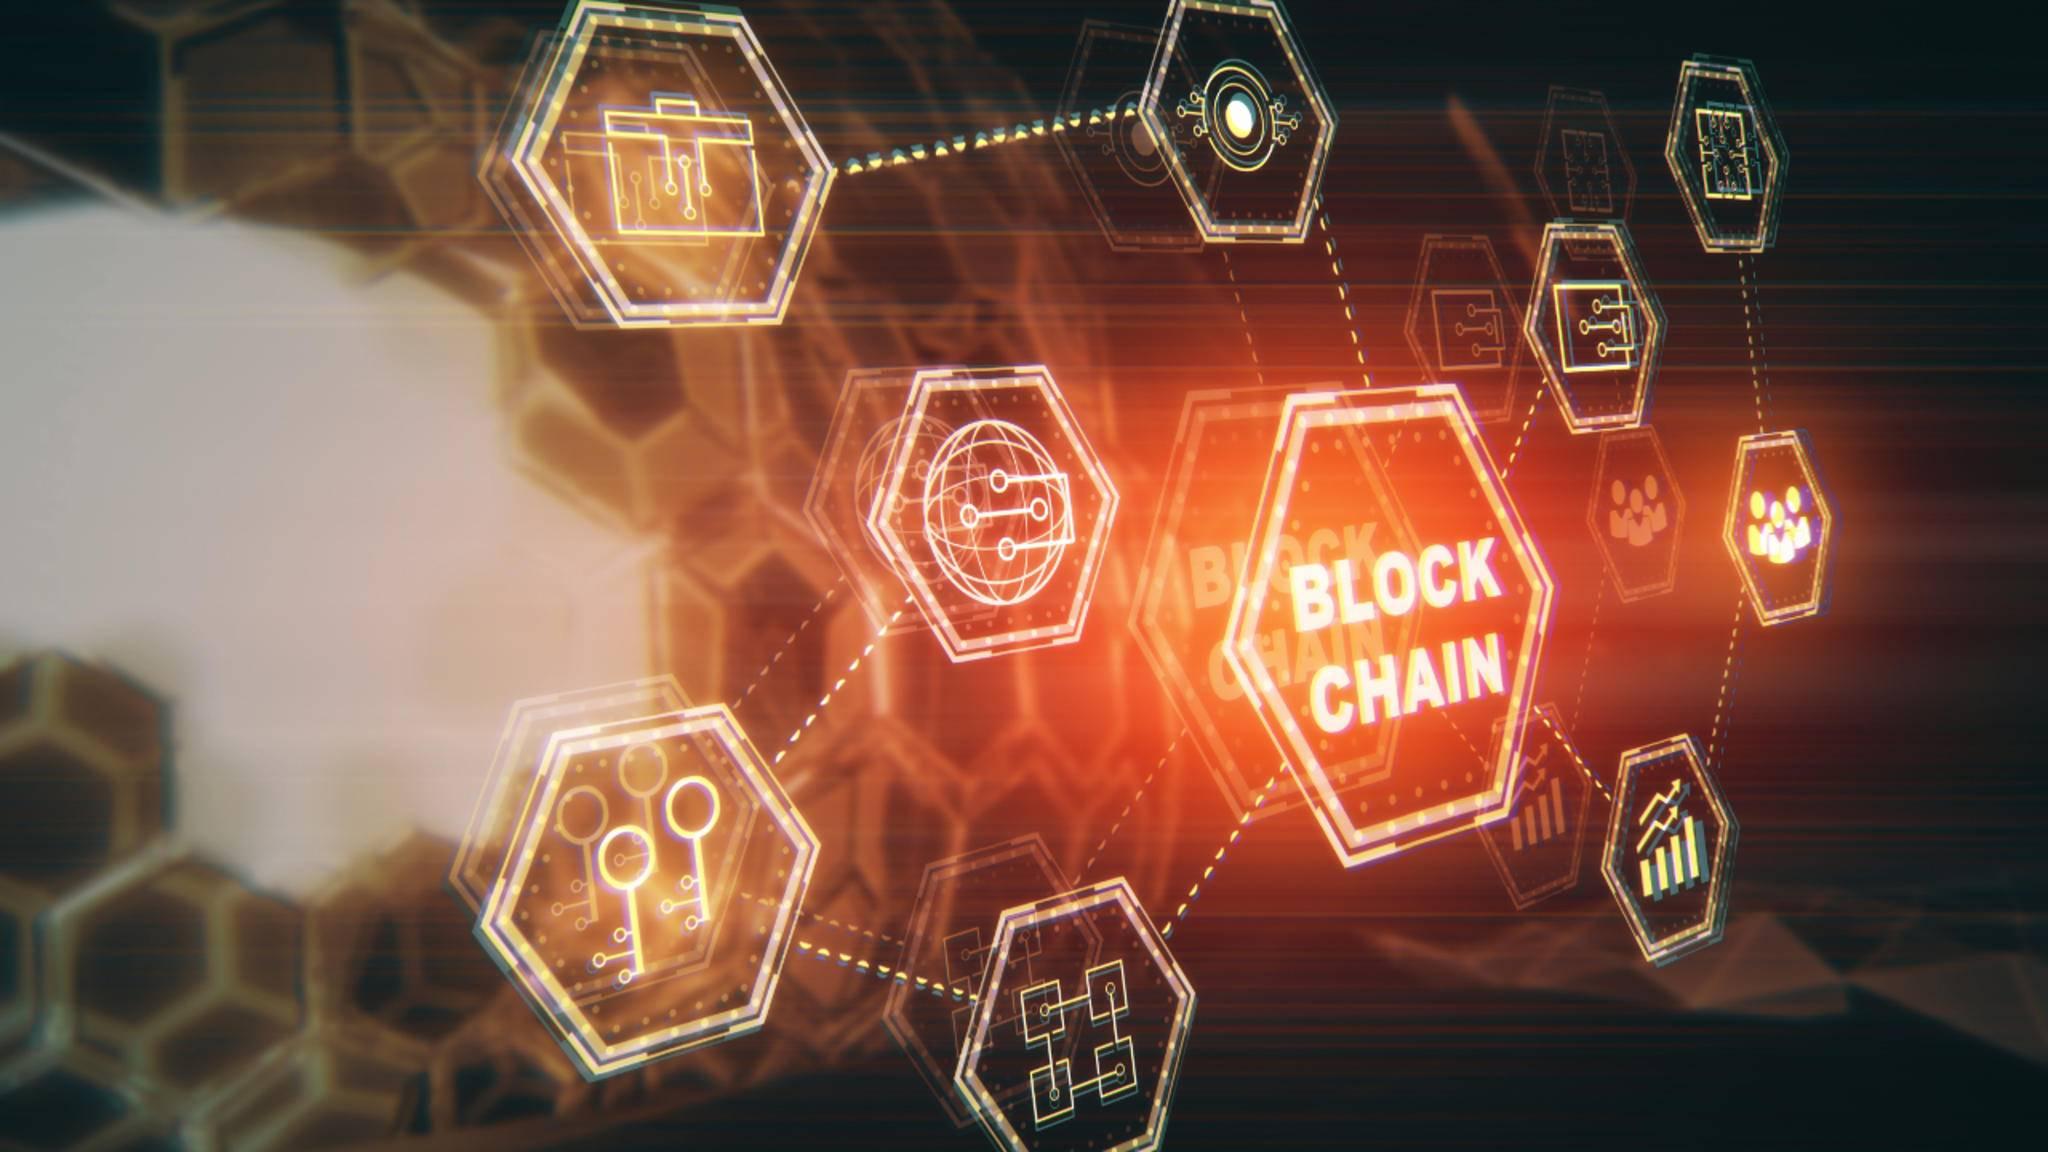 Ethereum erlaubt das Anlegen von dezentralen Programmen in einer Blockchain.